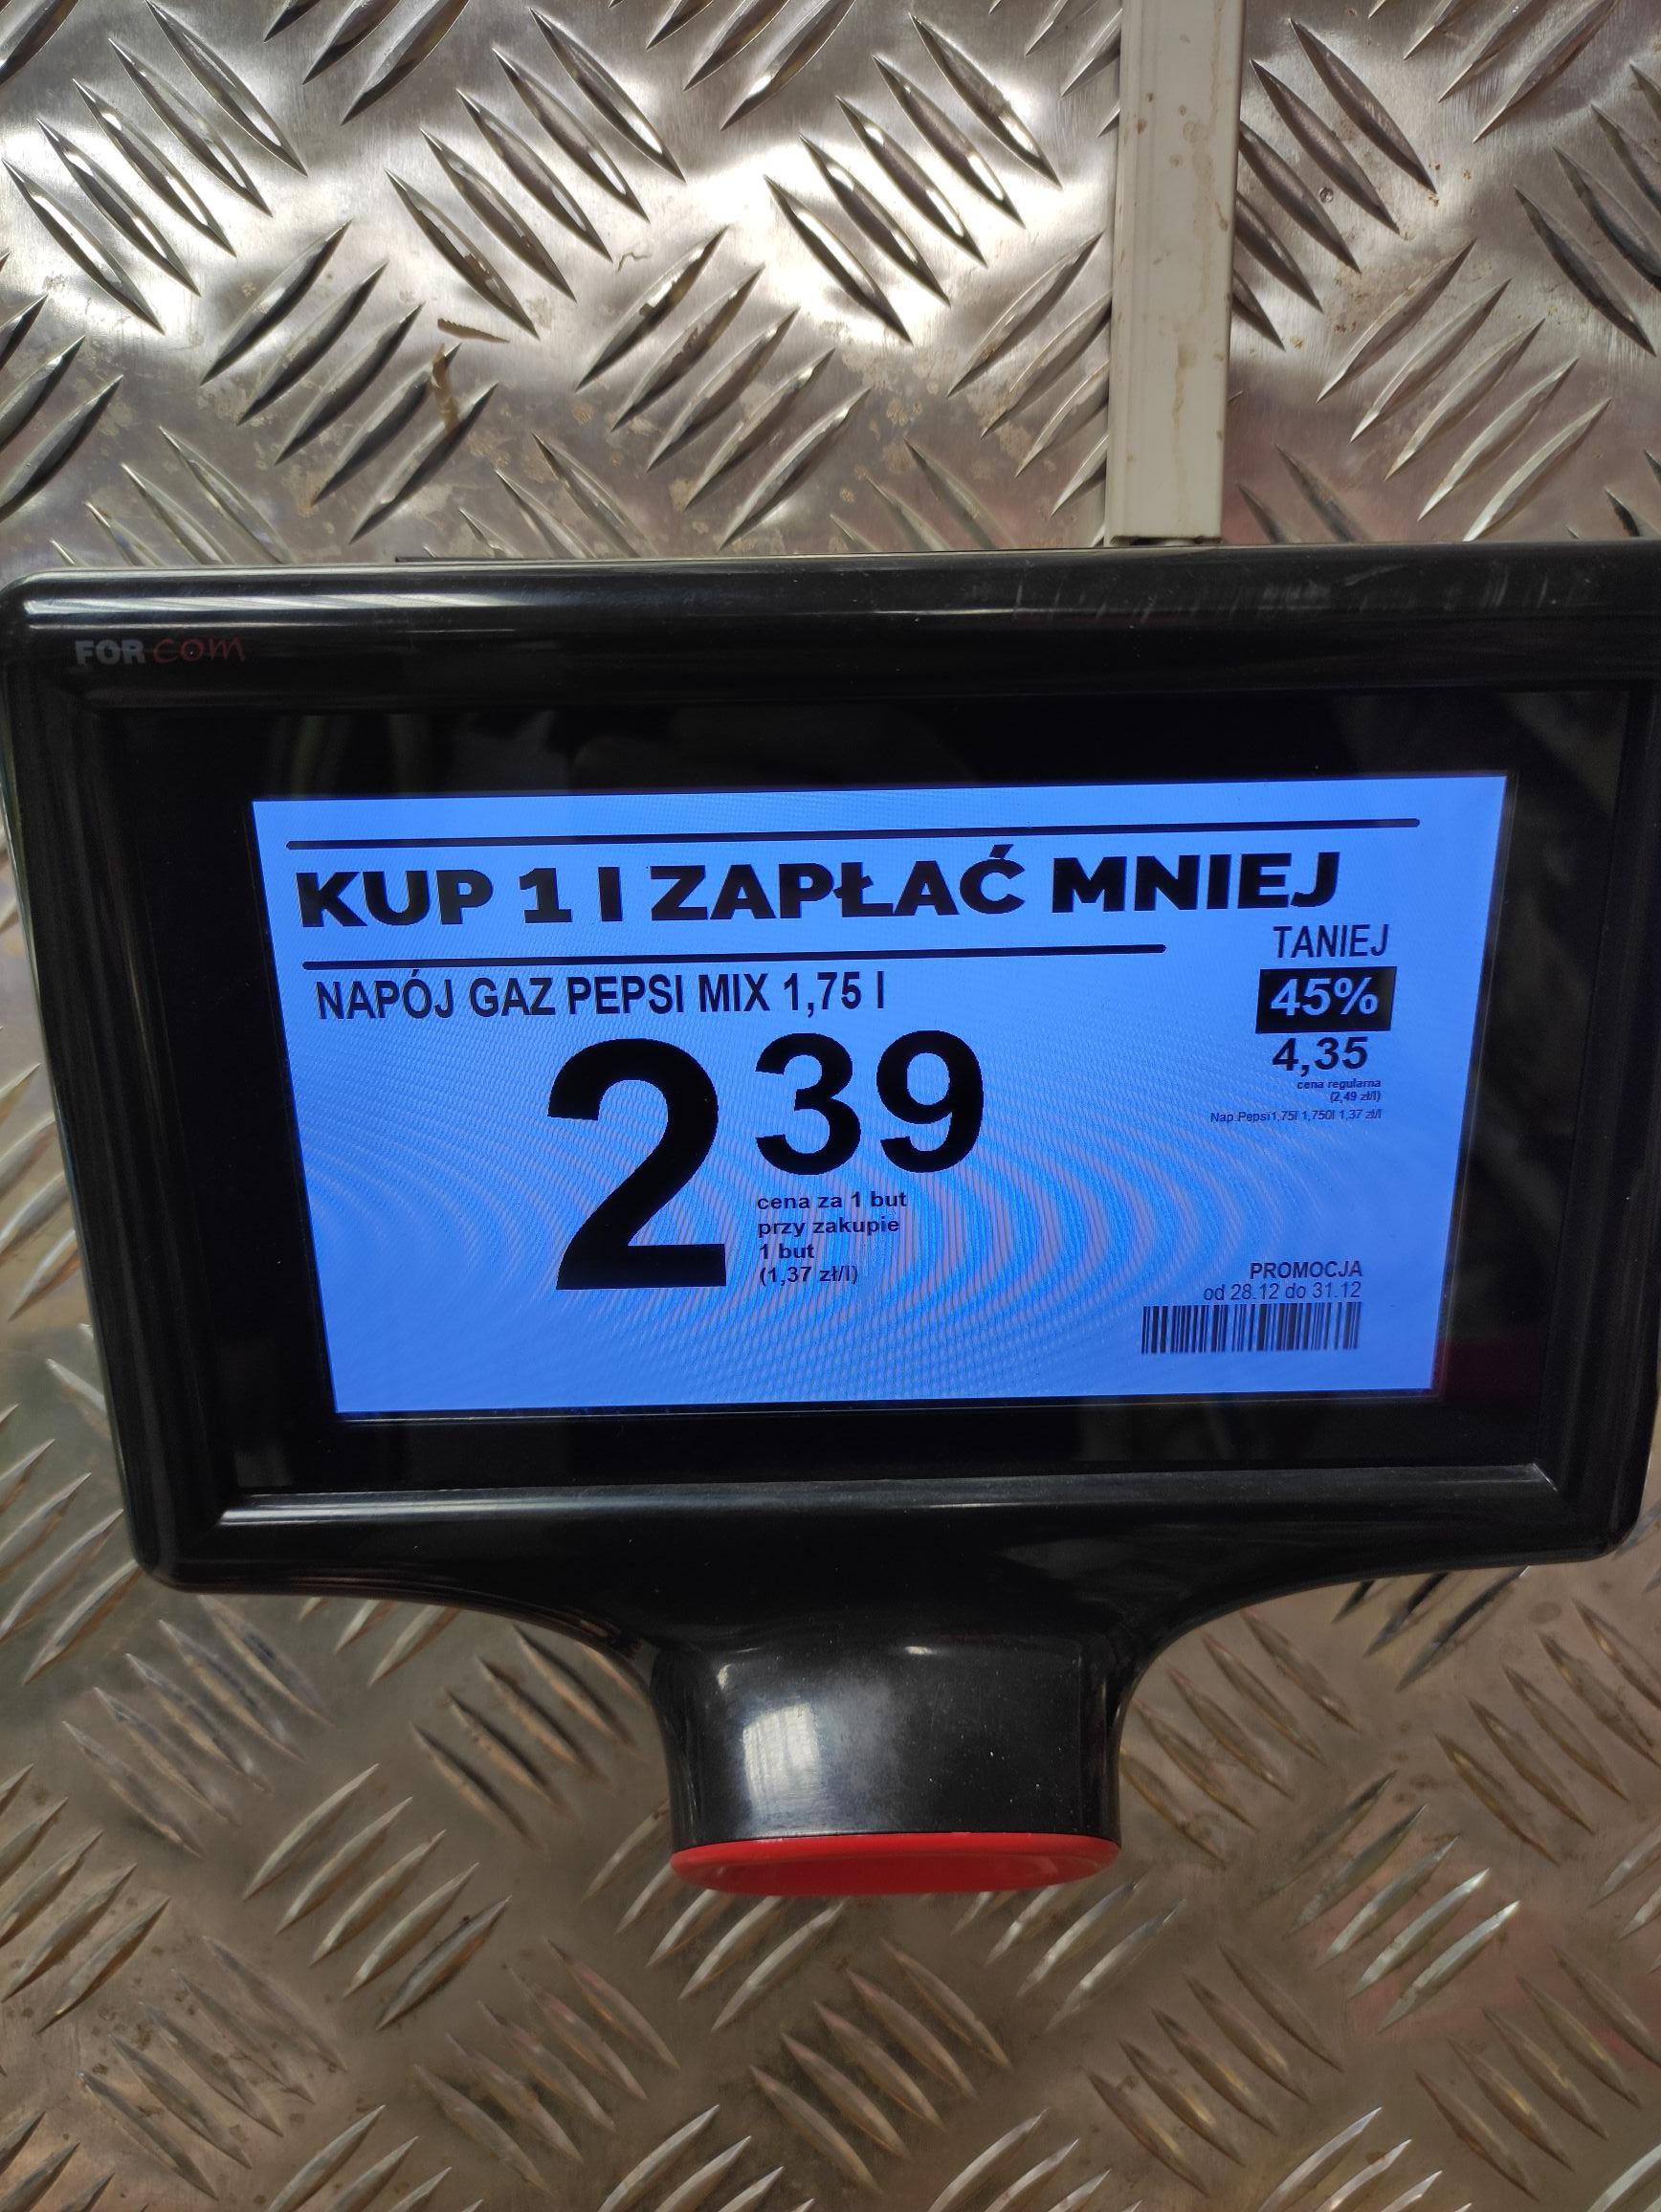 Pepsi 1.75l za 2.39zł - Biedronka Nowy Sącz ul.Zdrojowa